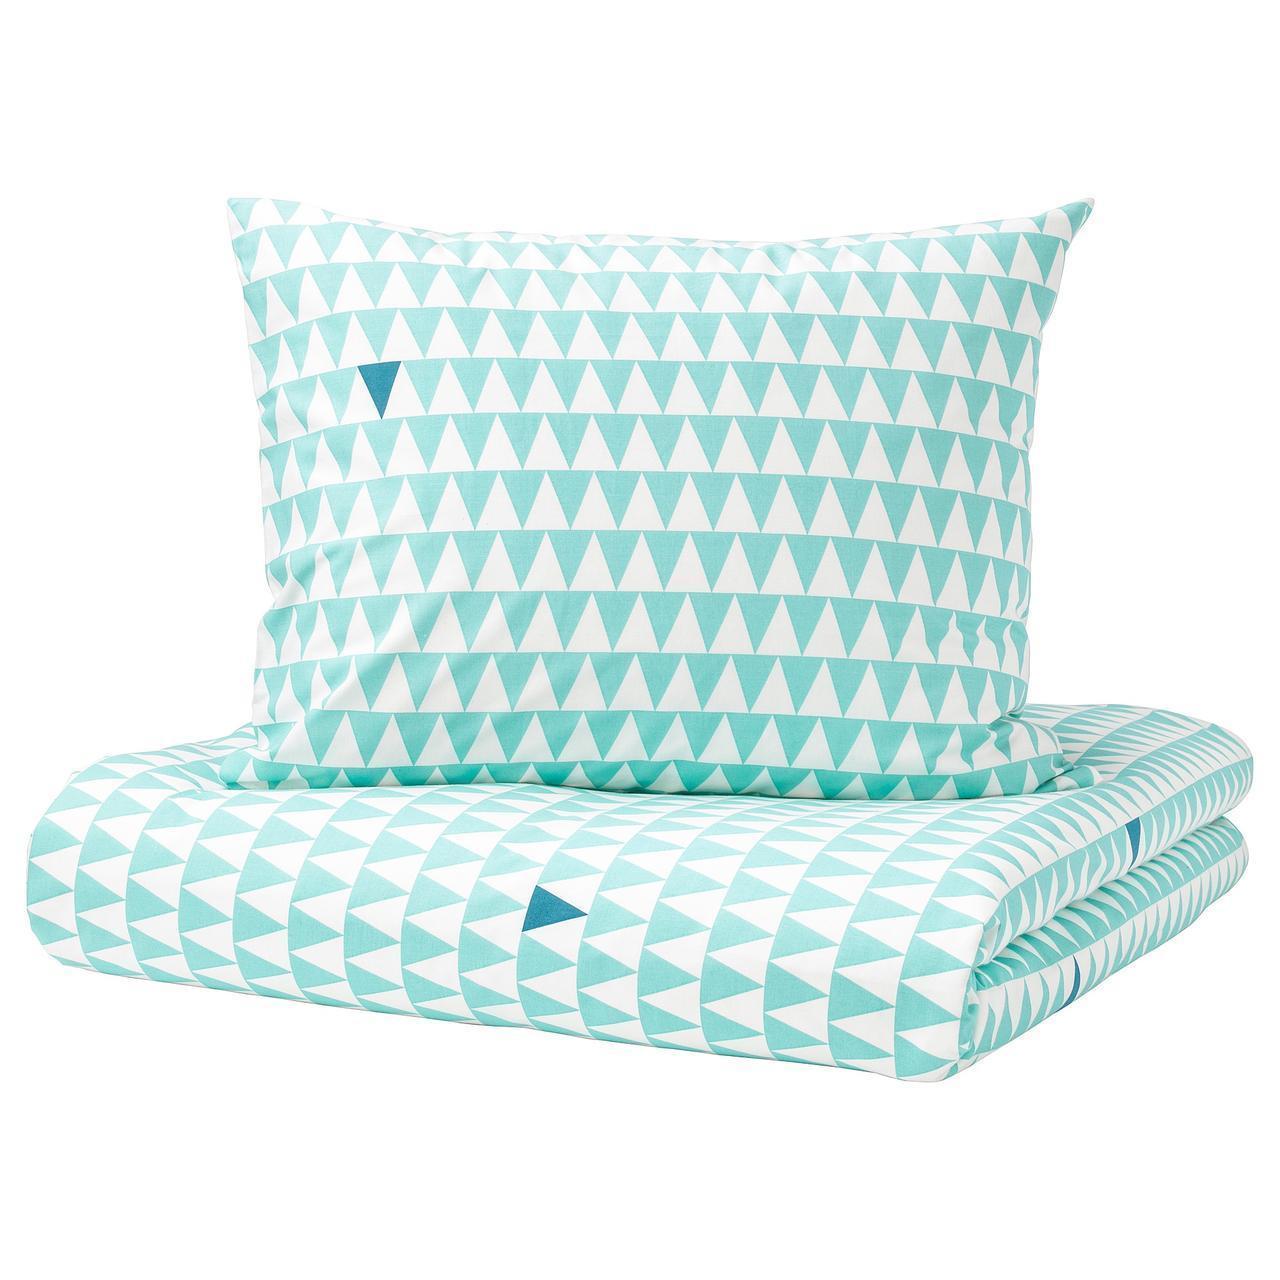 IKEA STILLSAMT Комплект постельного белья, светлая бирюза  (003.586.50)